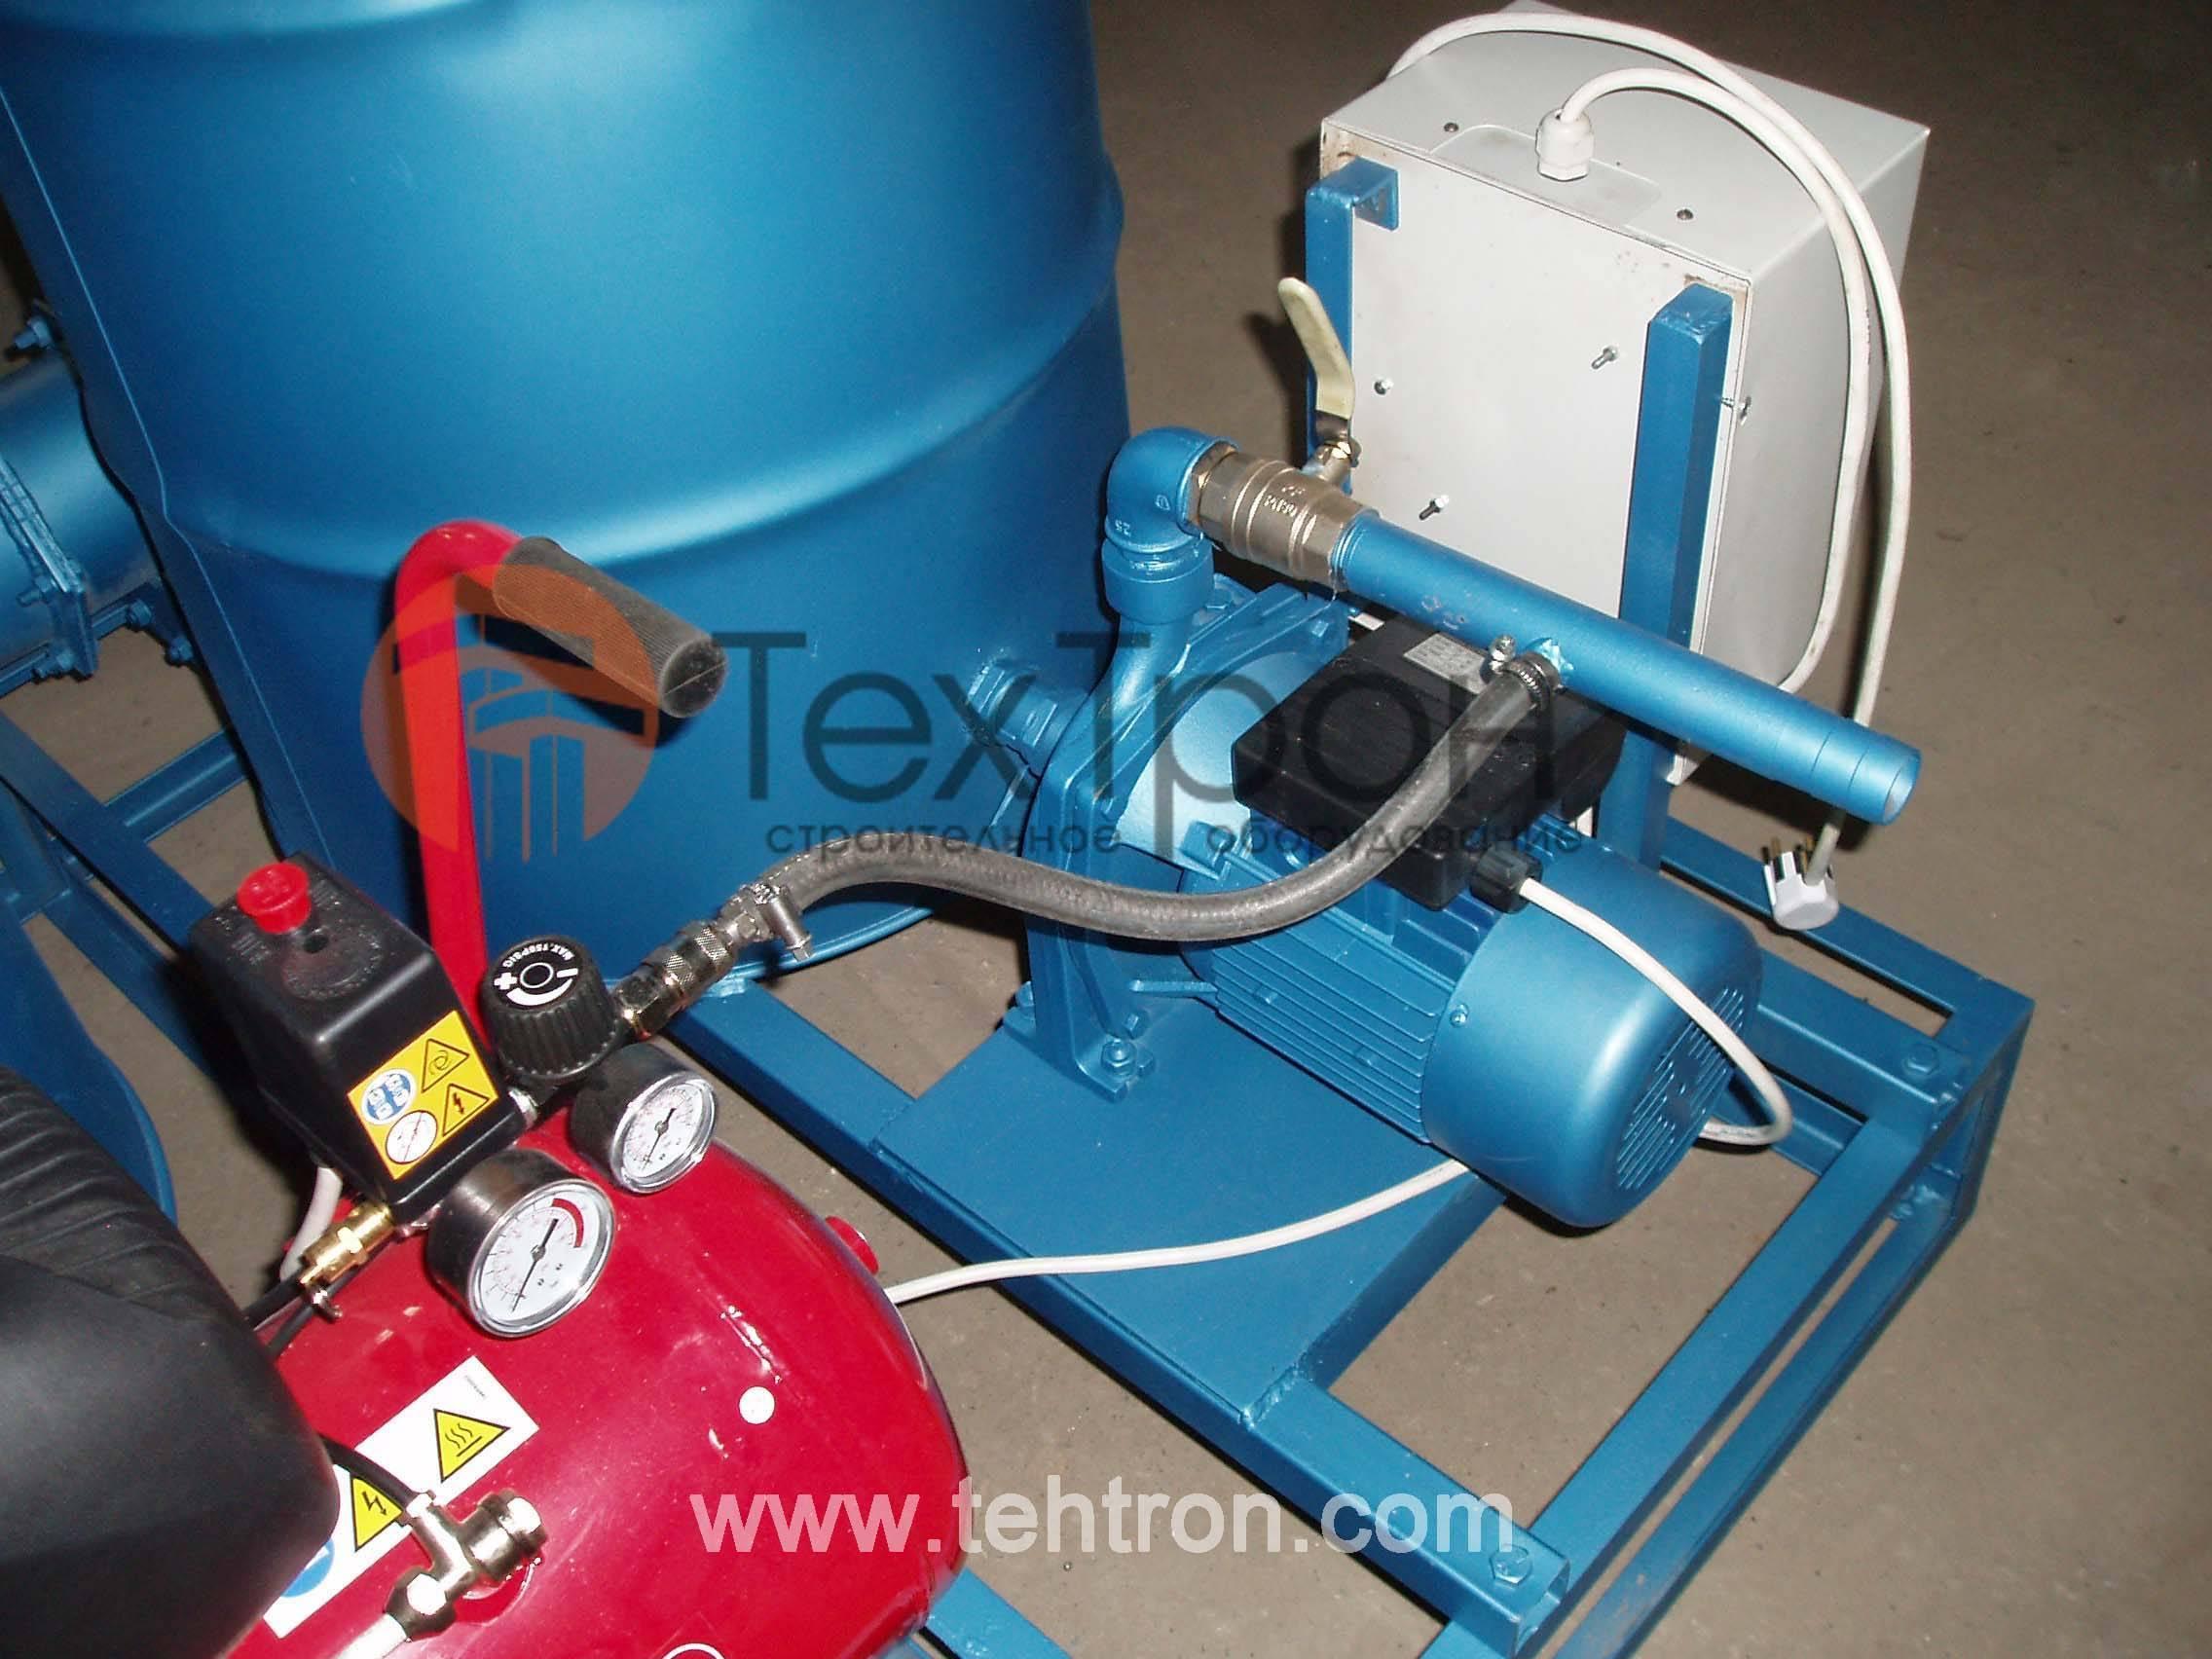 Оборудование для промывки систем отопления: видео-инструкция по установке своими руками, компрессор, насос, цена, фото